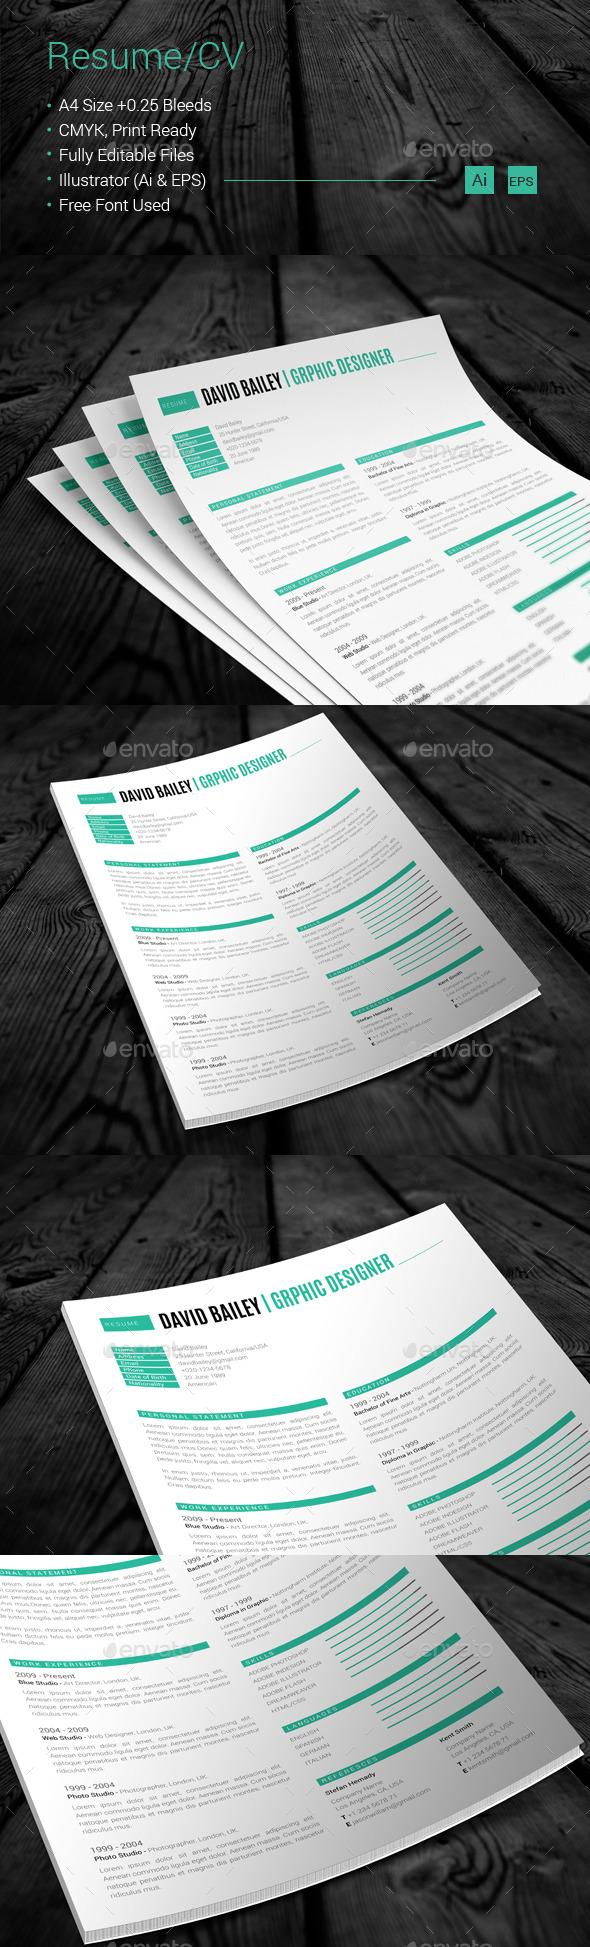 GraphicRiver Resume CV 10875137